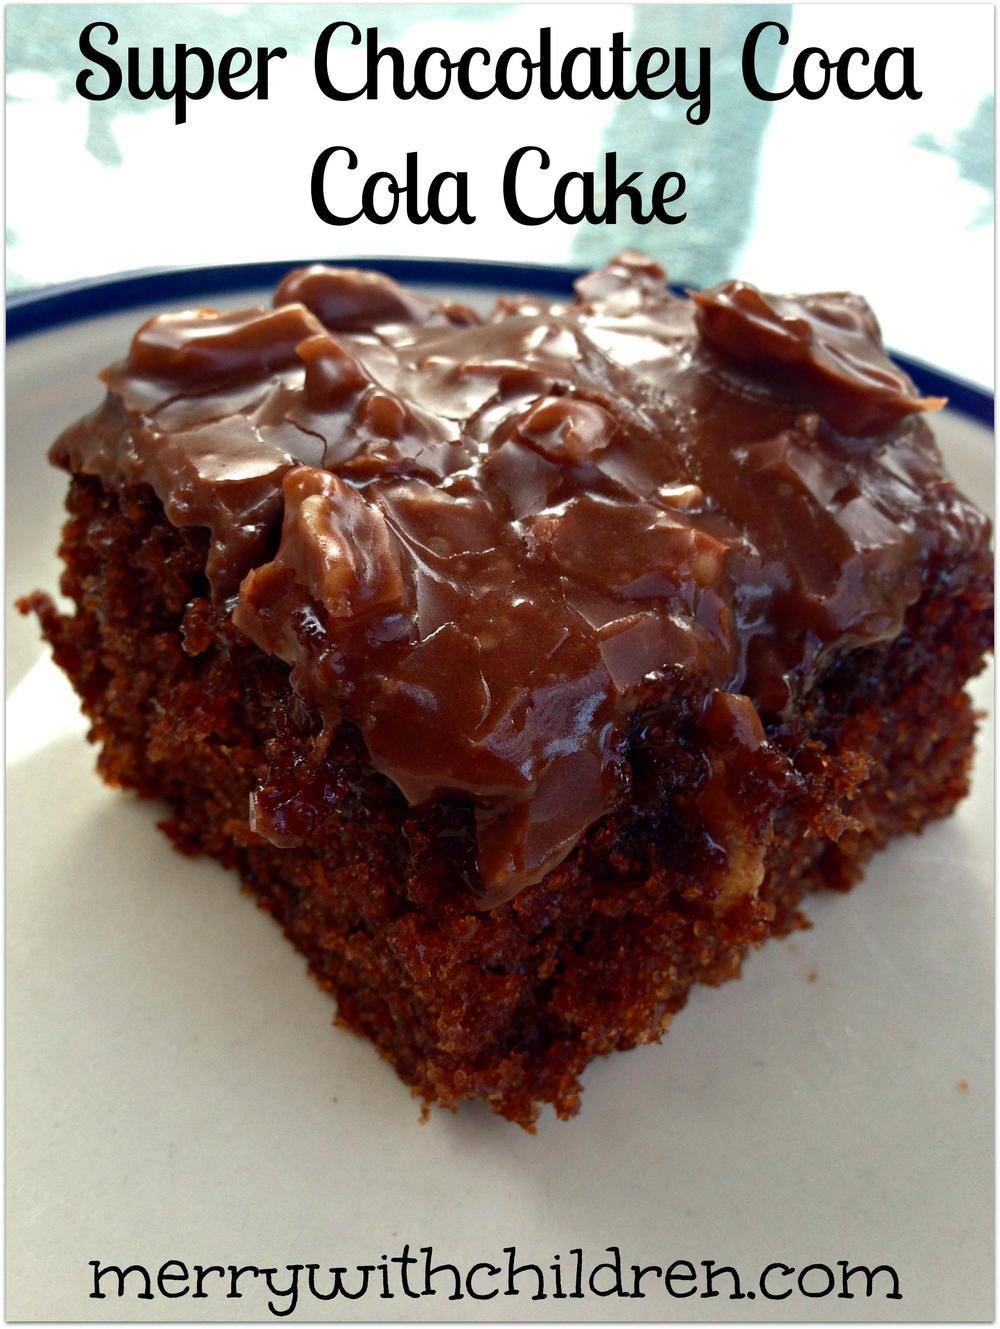 Super Chocolatey Coca Cola Cake Favesouthernrecipes Com